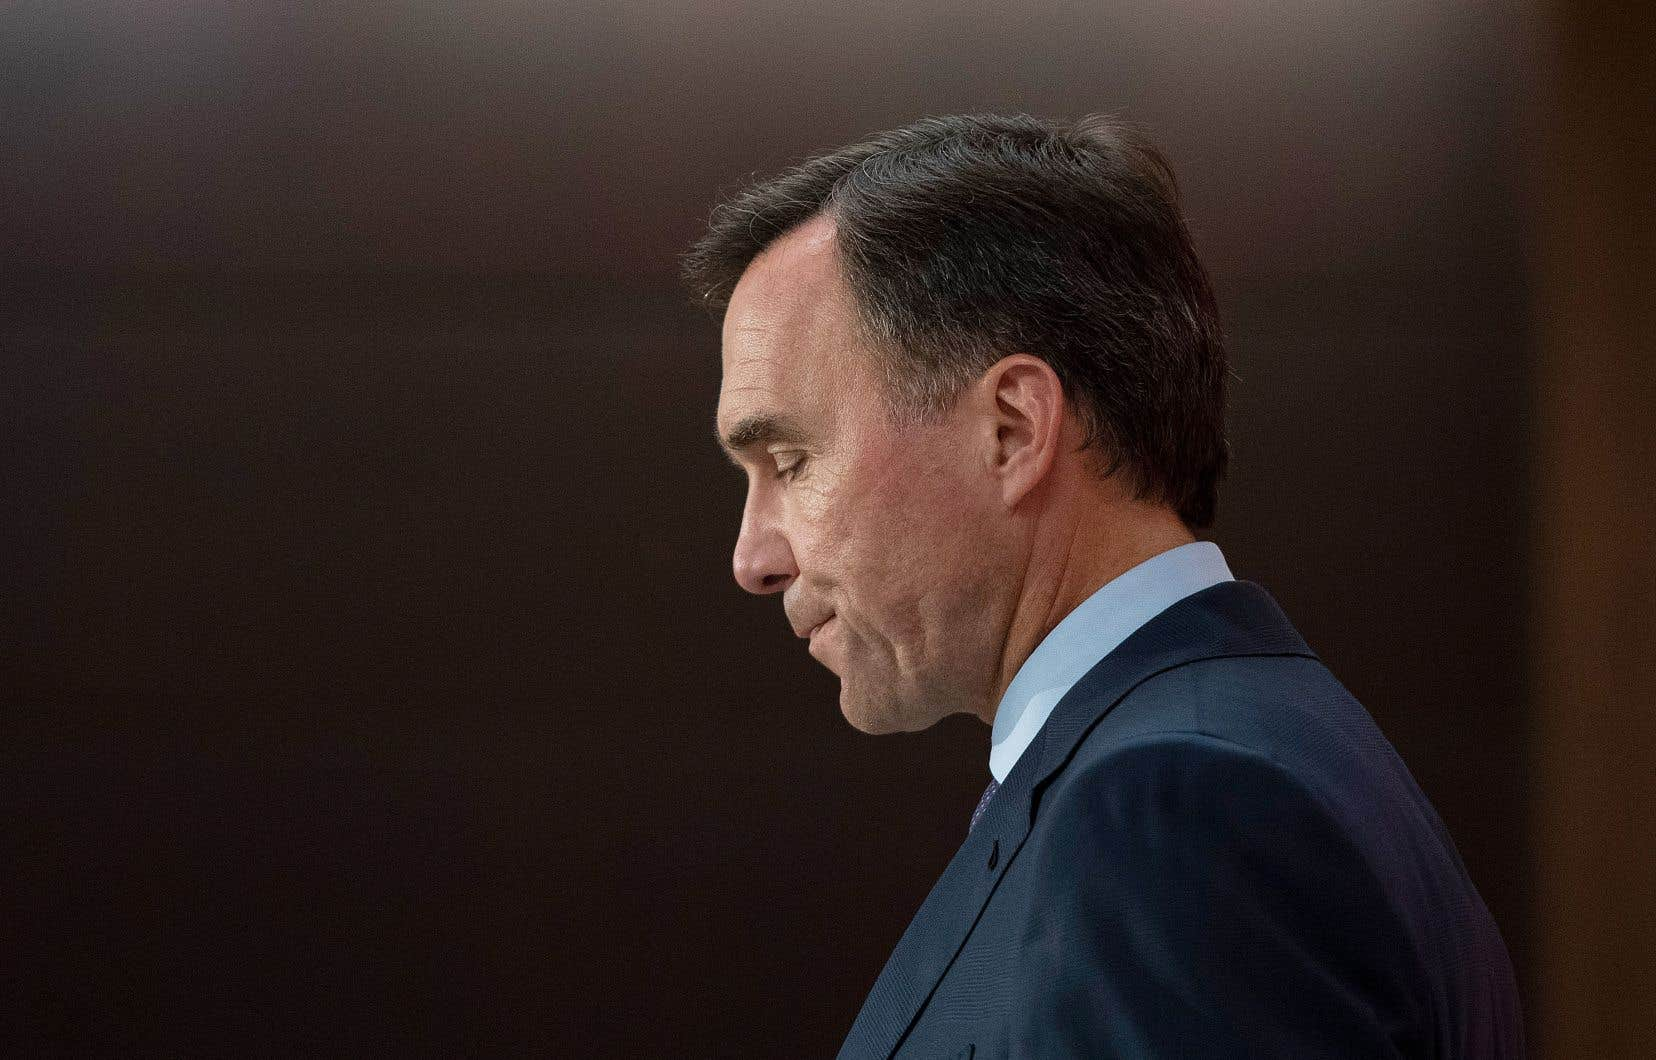 Dans les derniers jours, plusieurs médias avaient rapporté de profonds différends entre Justin Trudeau et Bill Morneau.